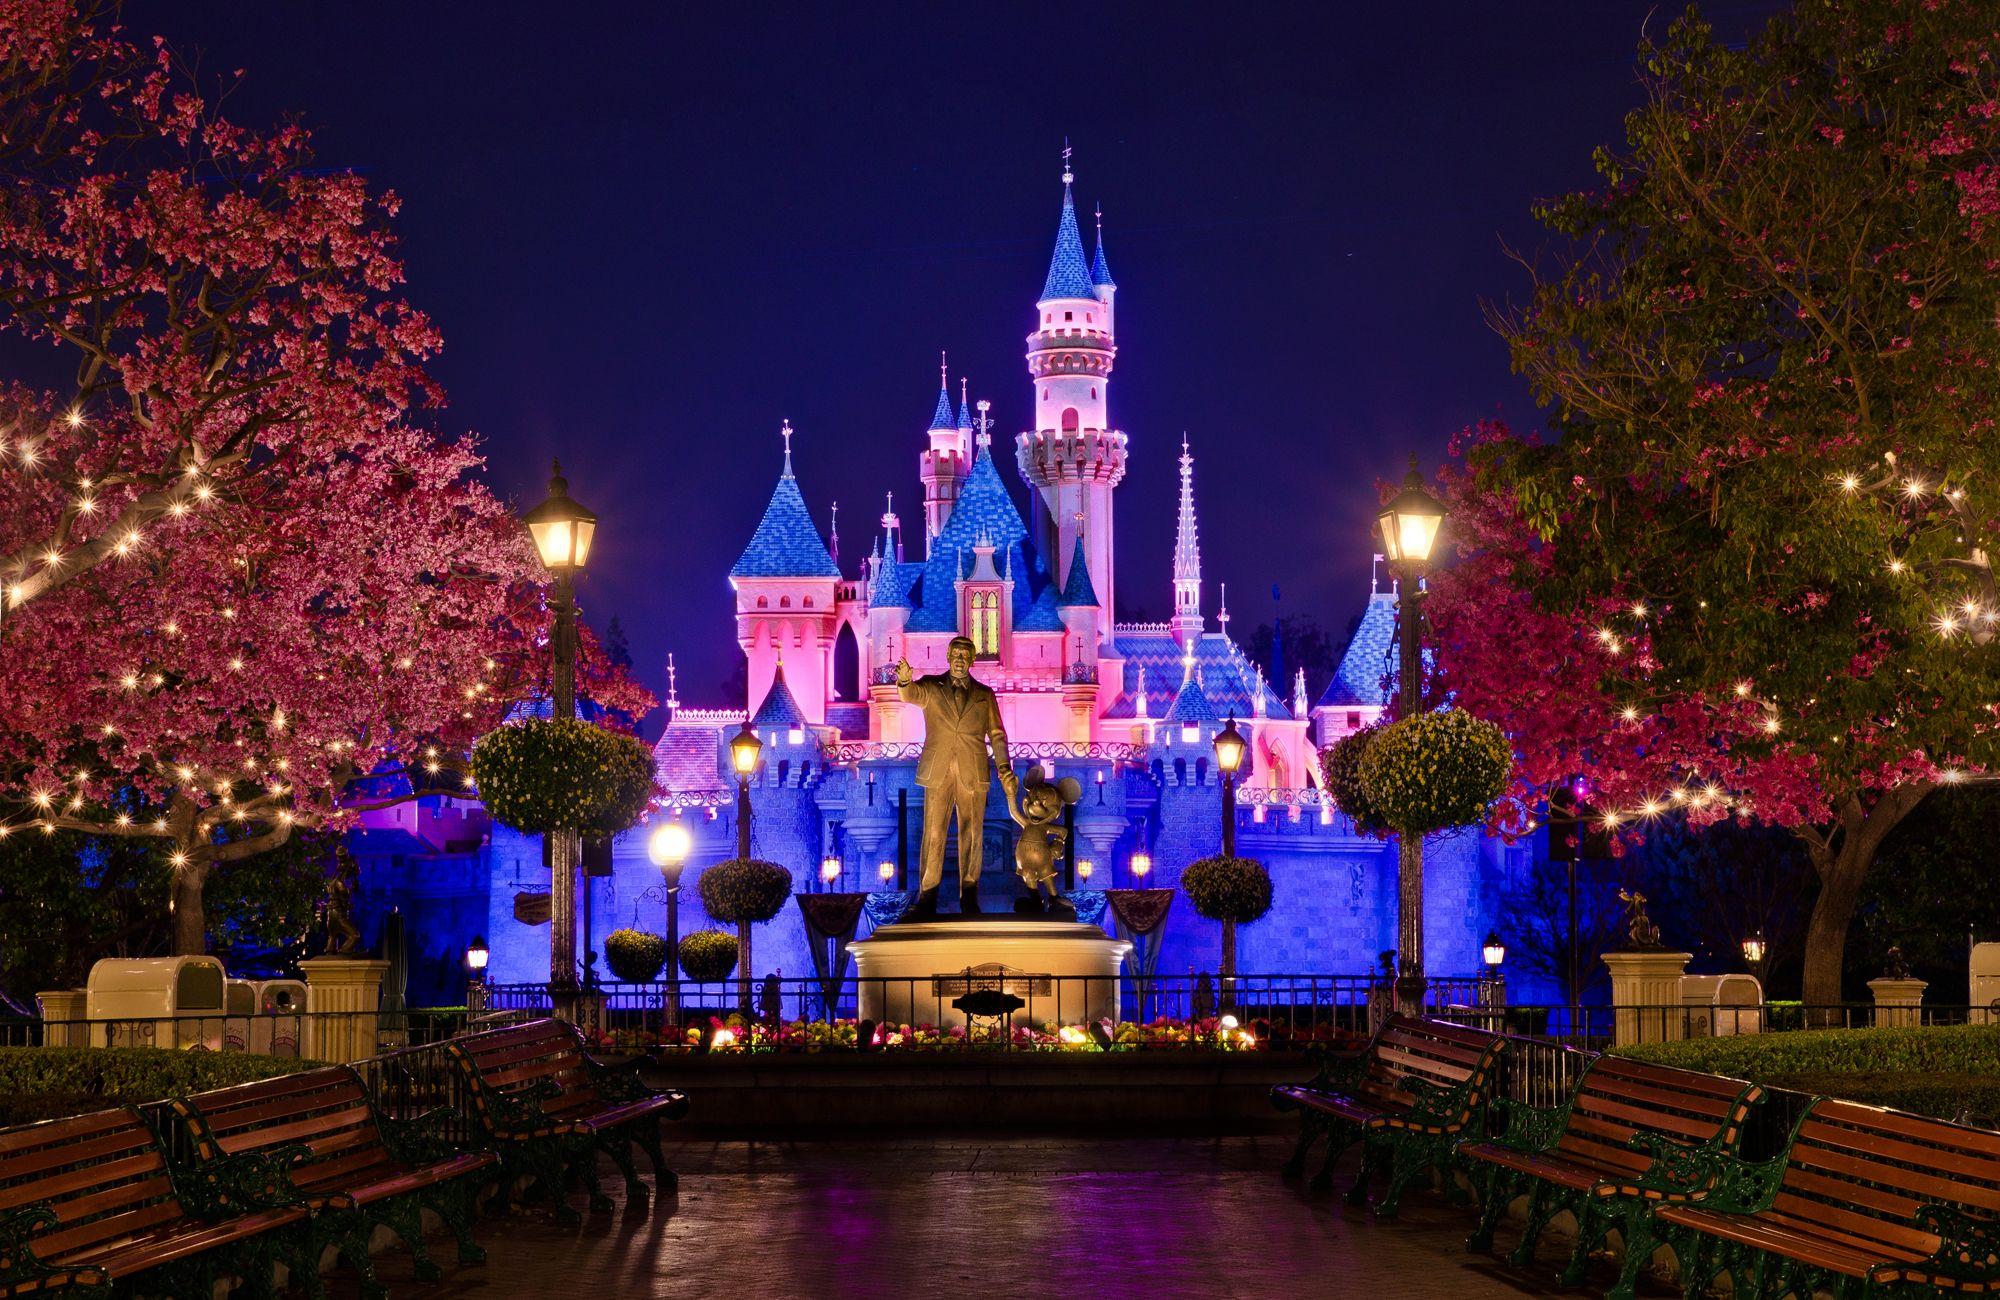 9. Disney Fanatic